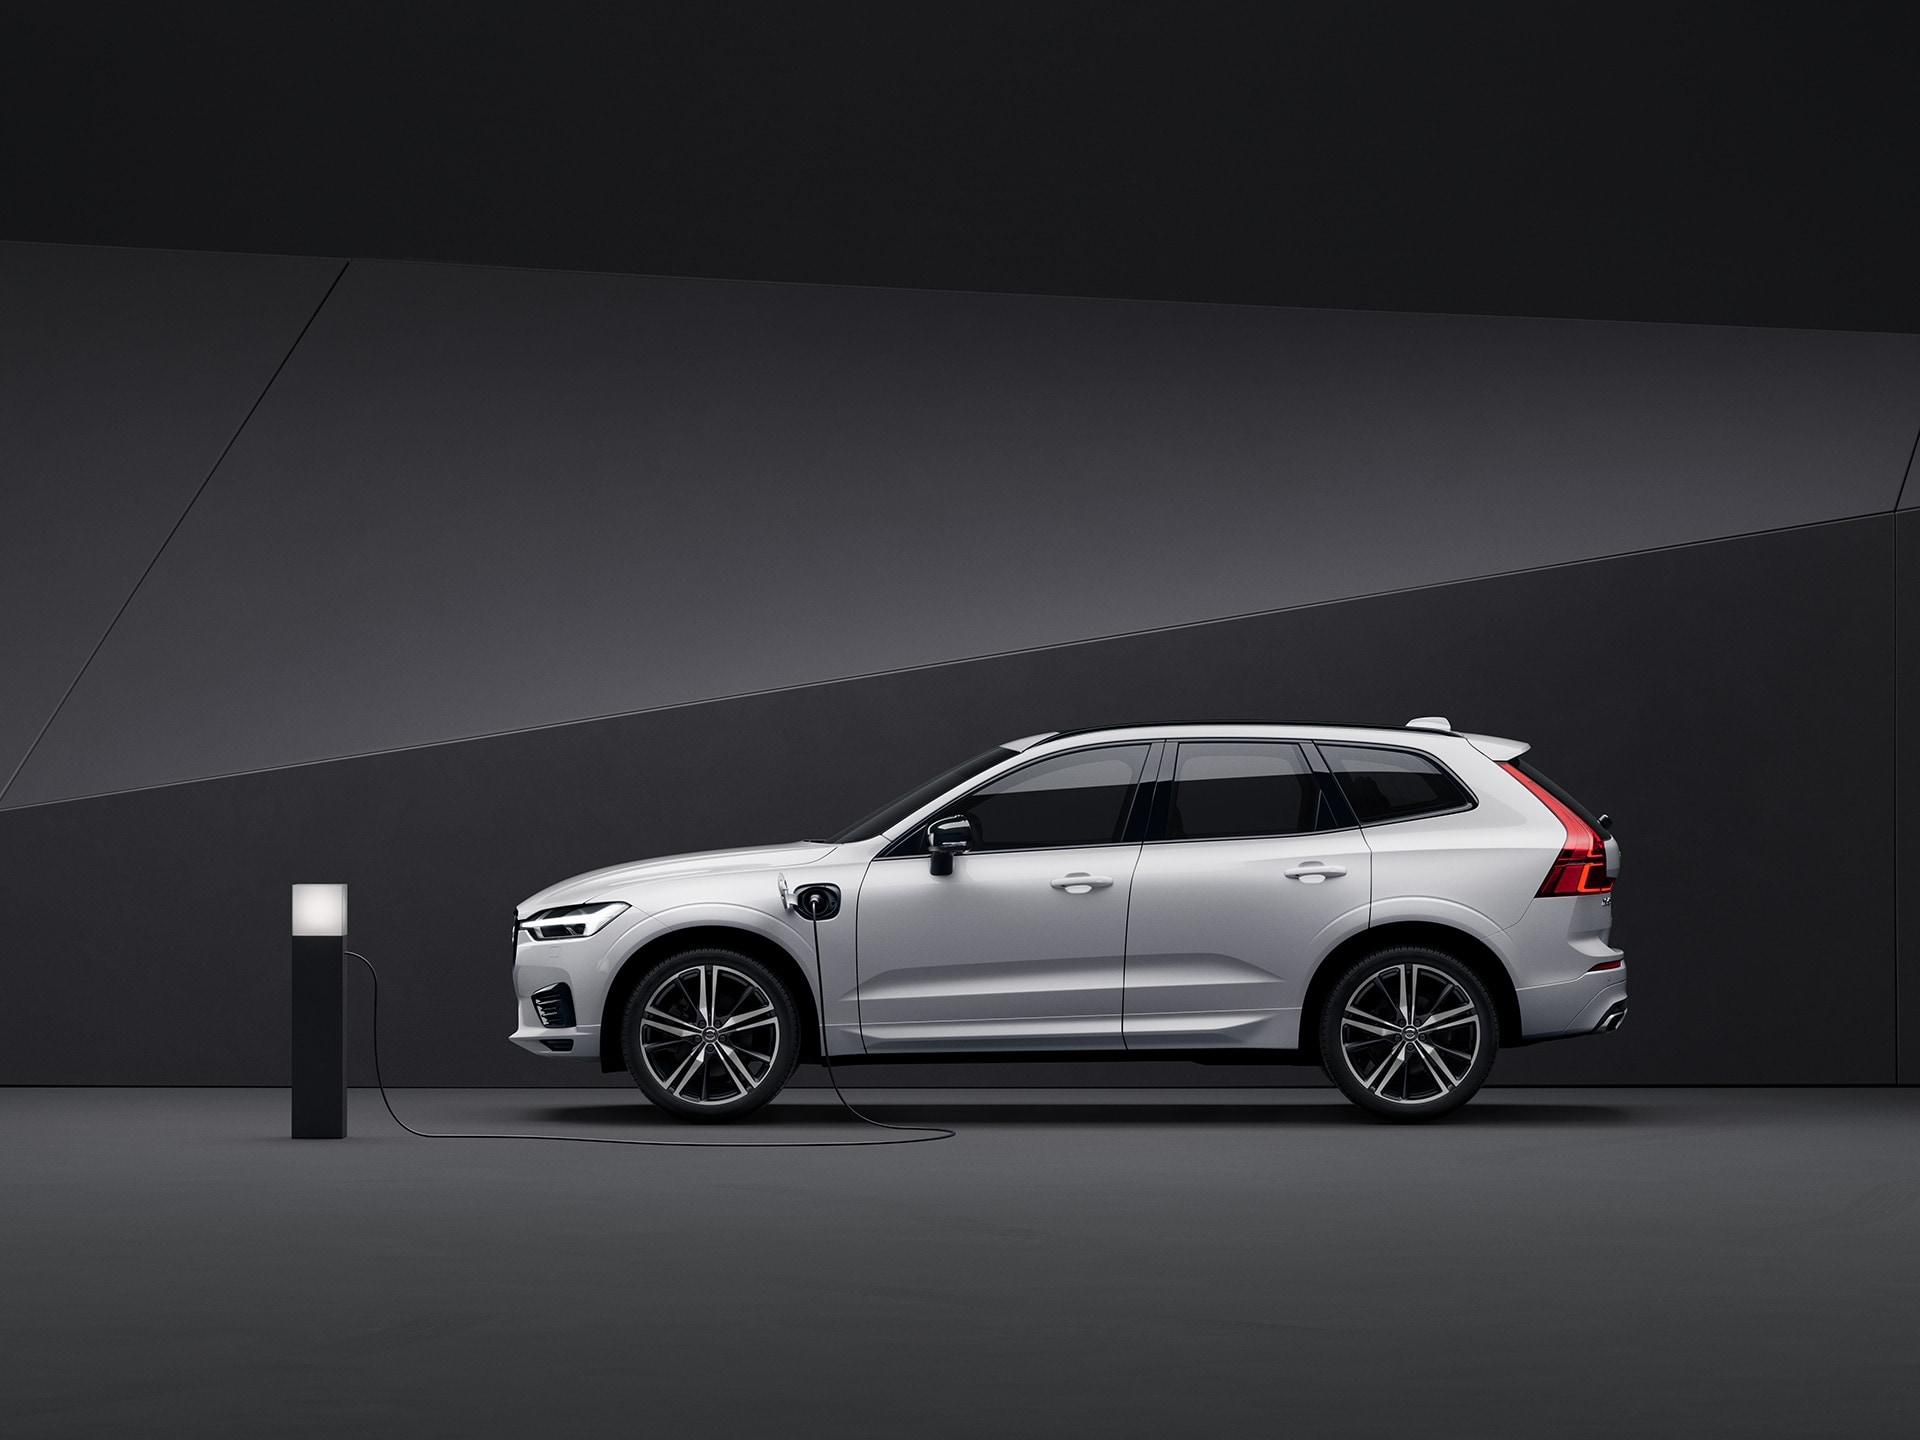 Biele Volvo XC60 Recharge pri nabíjaní v čiernom prostredí